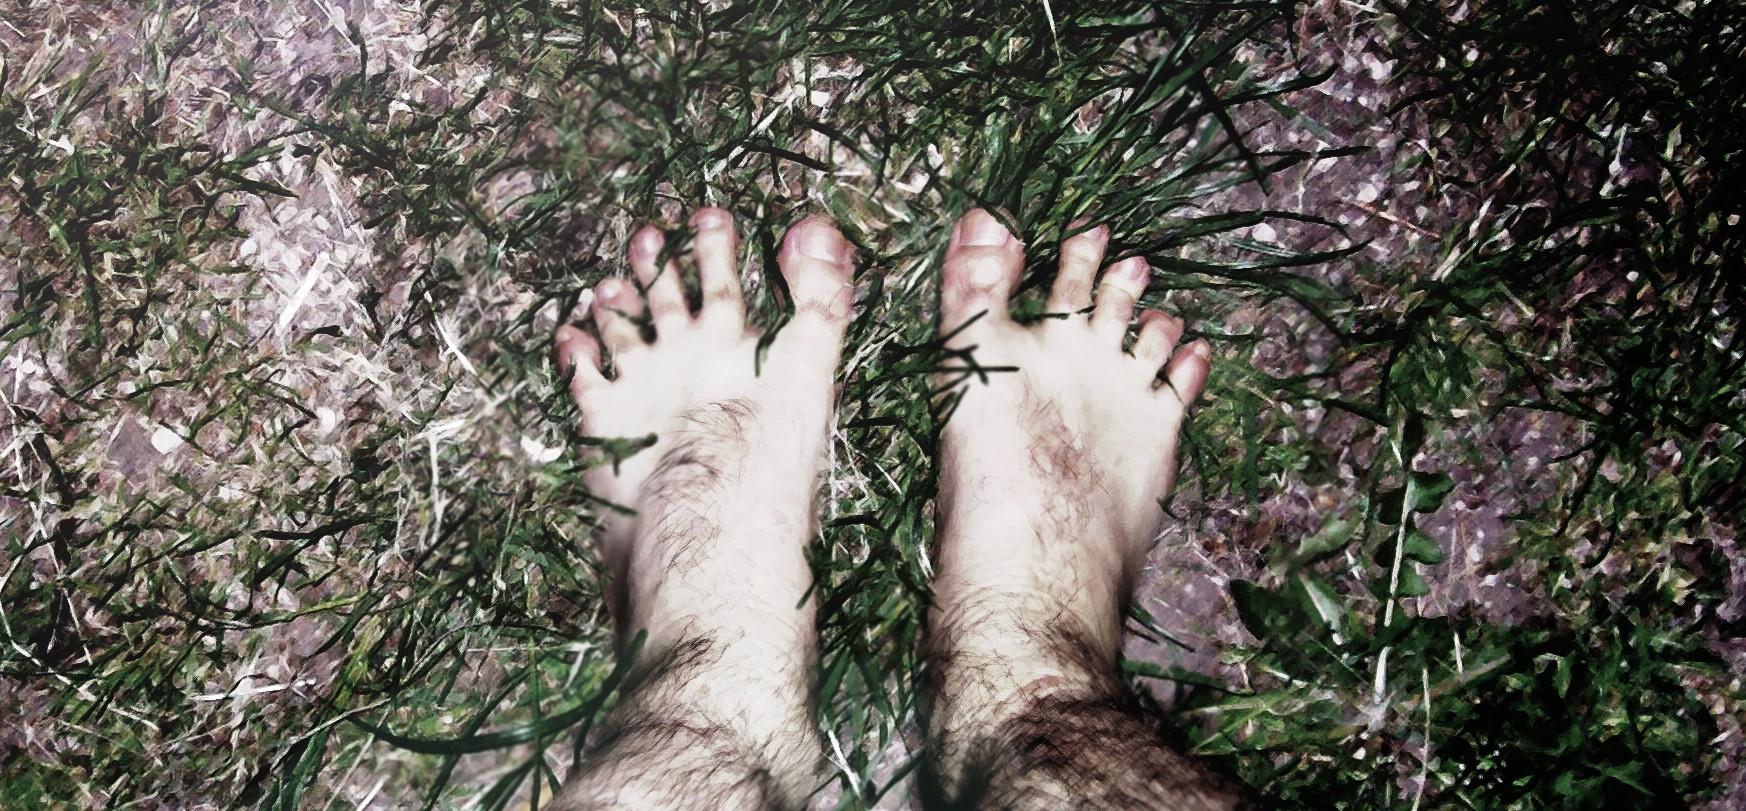 Hobbit_feet_by_LadyRosenr3d13